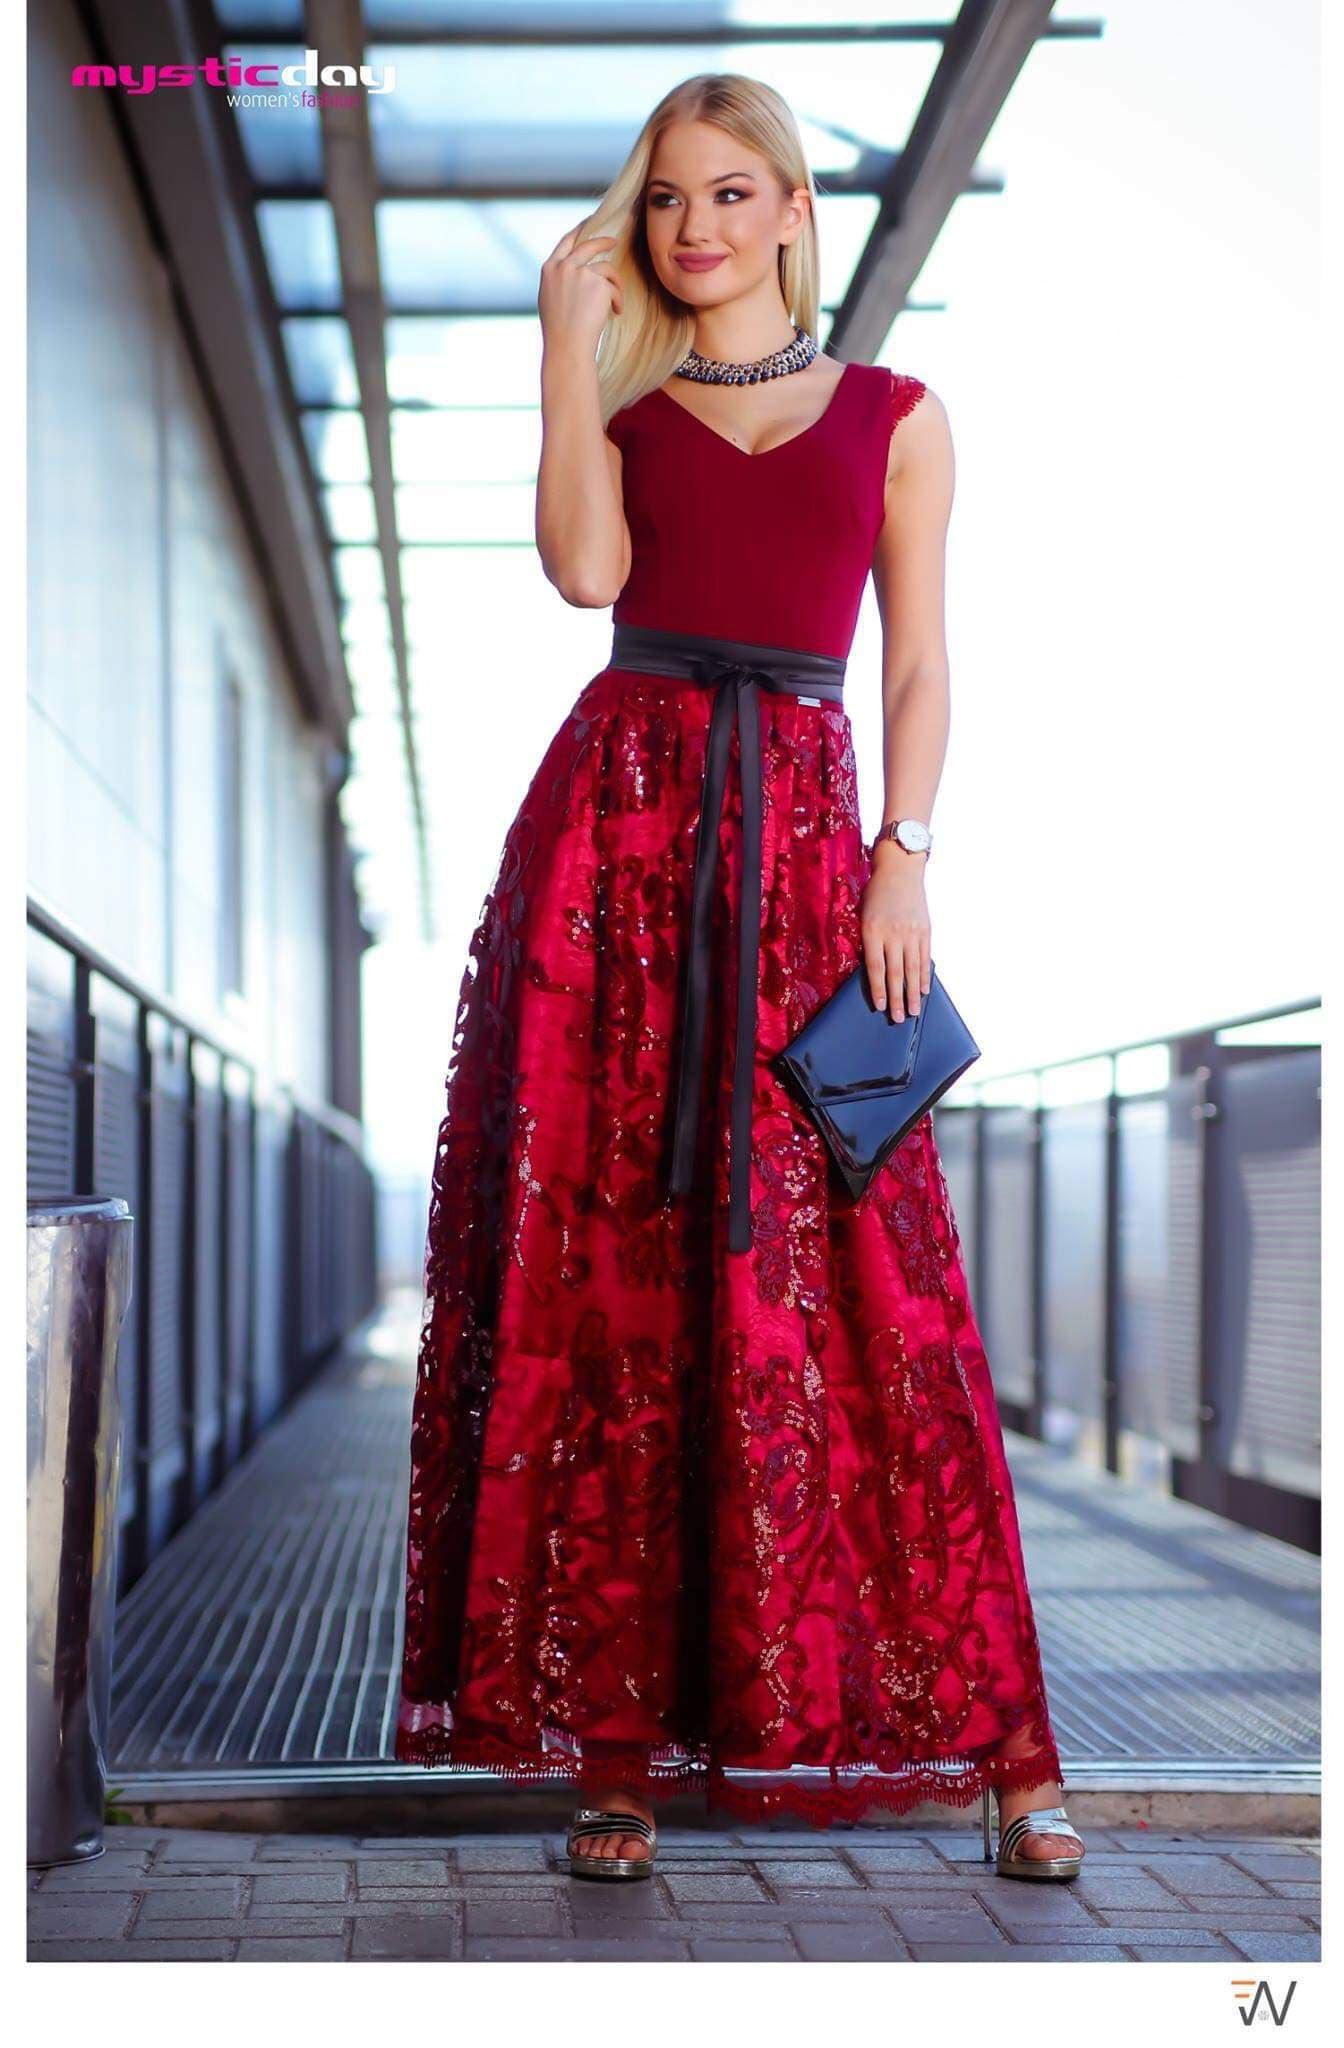 34db531681 Bordó csipkés/flitteres tüllös maxi ruha - Cool Fashion